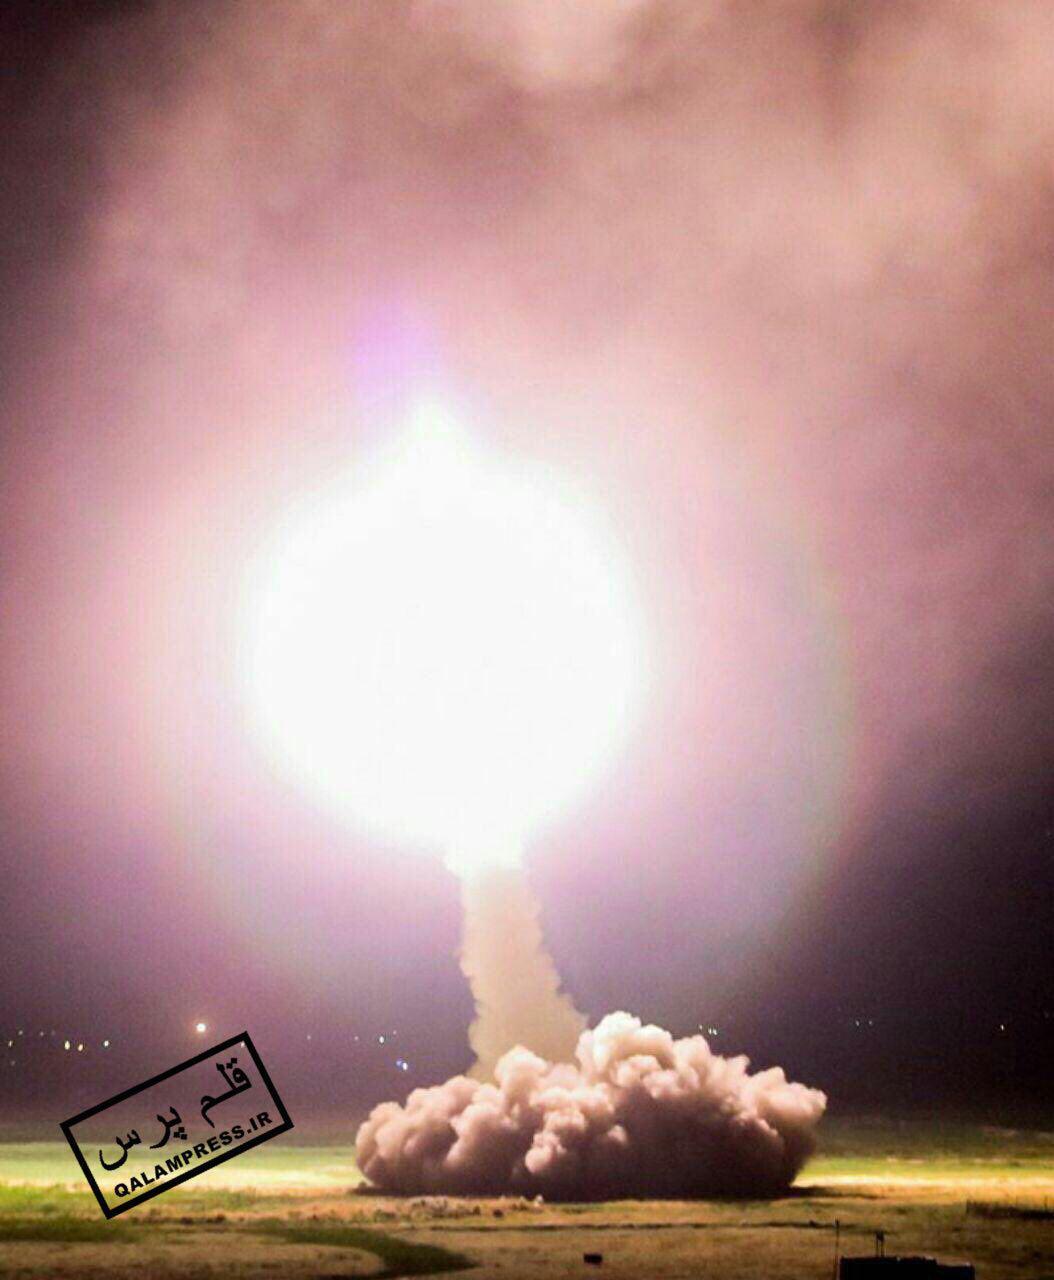 موشکها با عبور از آسمان دقیقا به اهداف تعیین شده اصابت کرده است